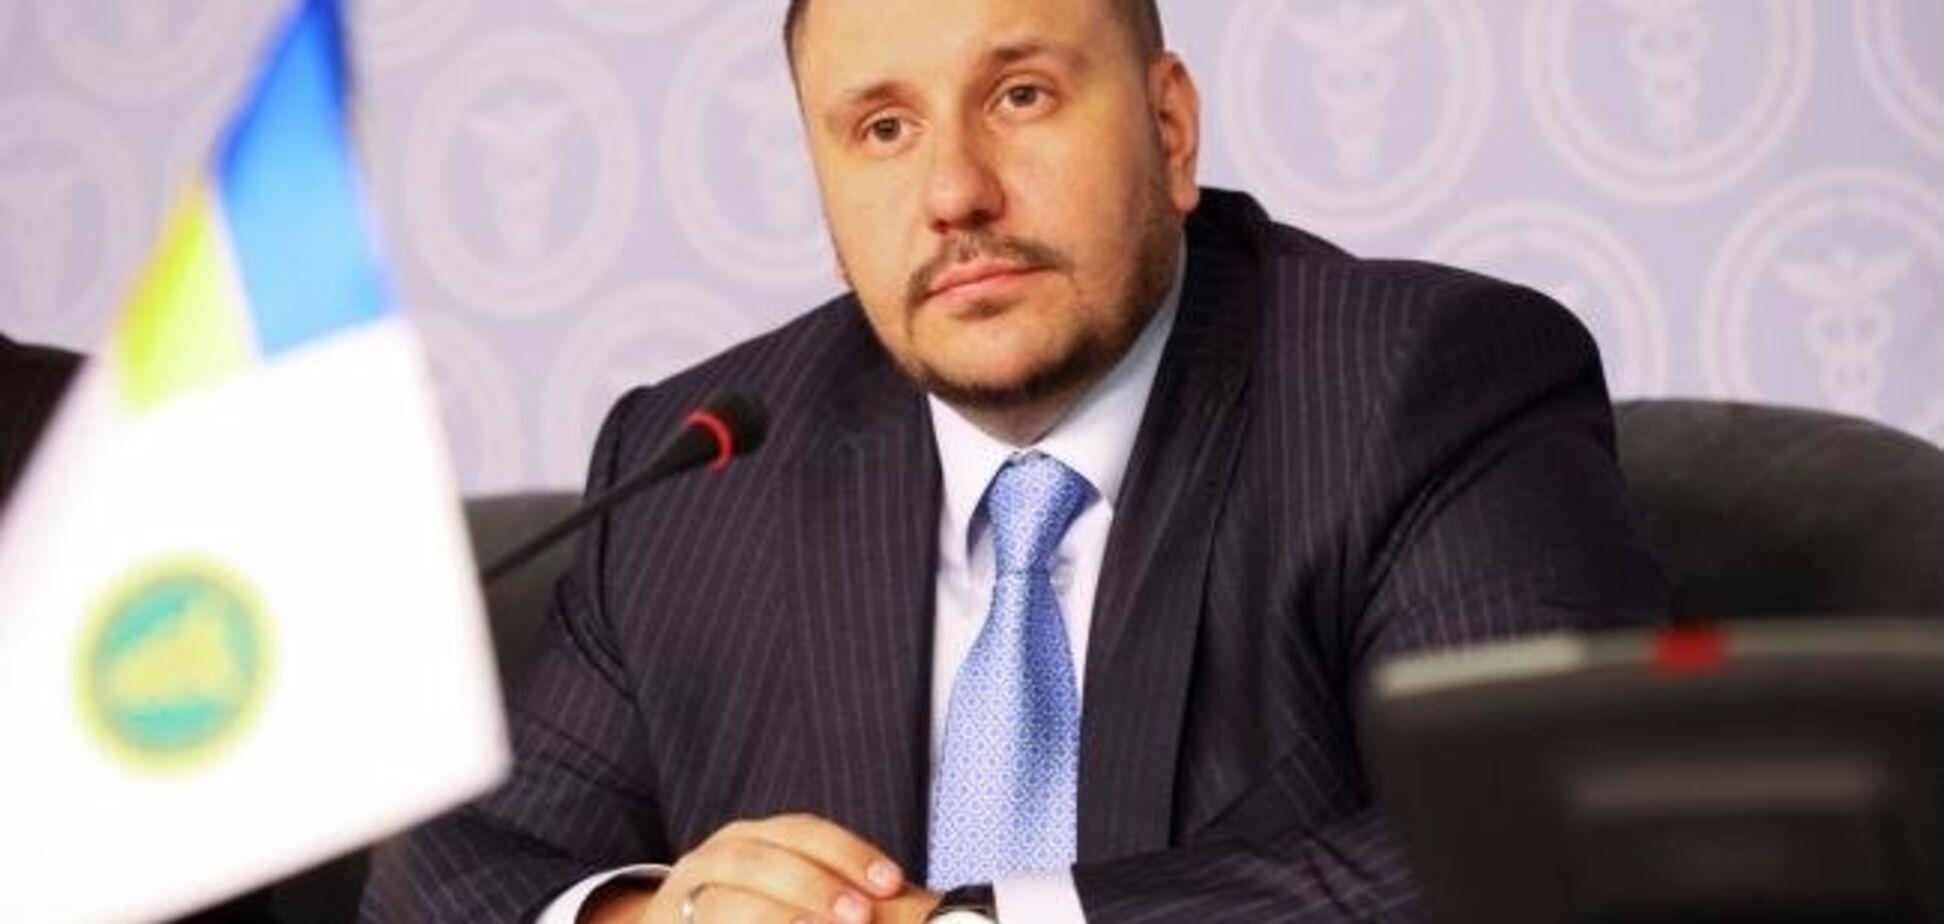 Грозит до 15 лет: на украинского экс-министра завели дело о госизмене